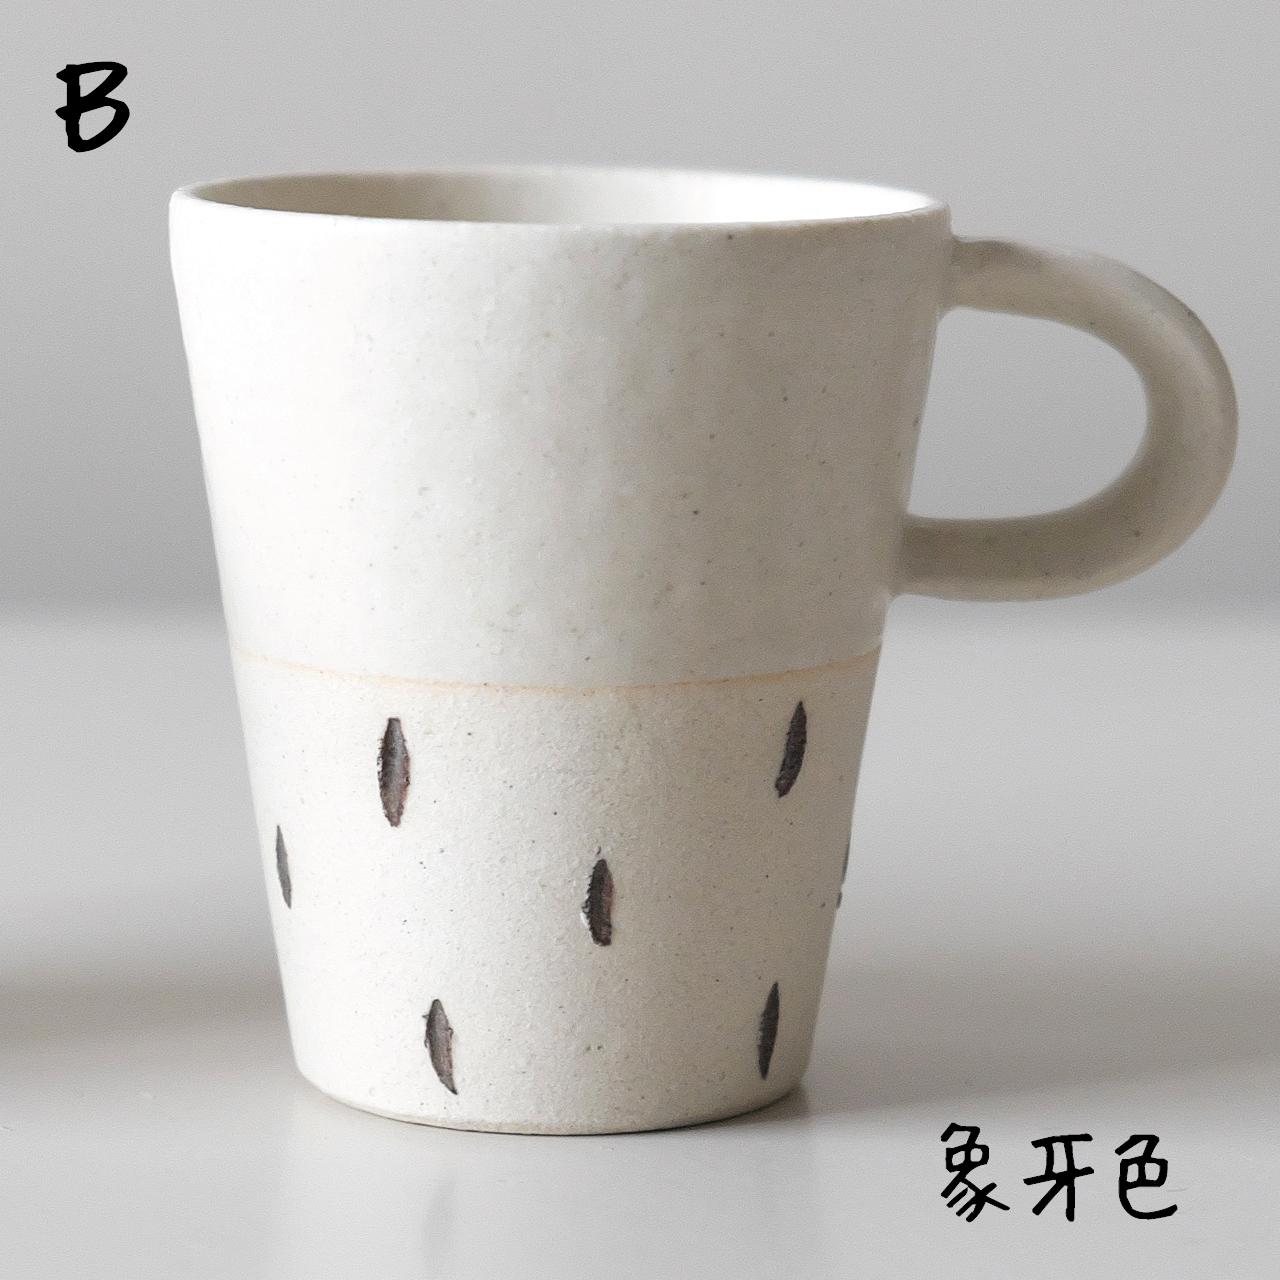 【竹口要】エスプレッソカップ